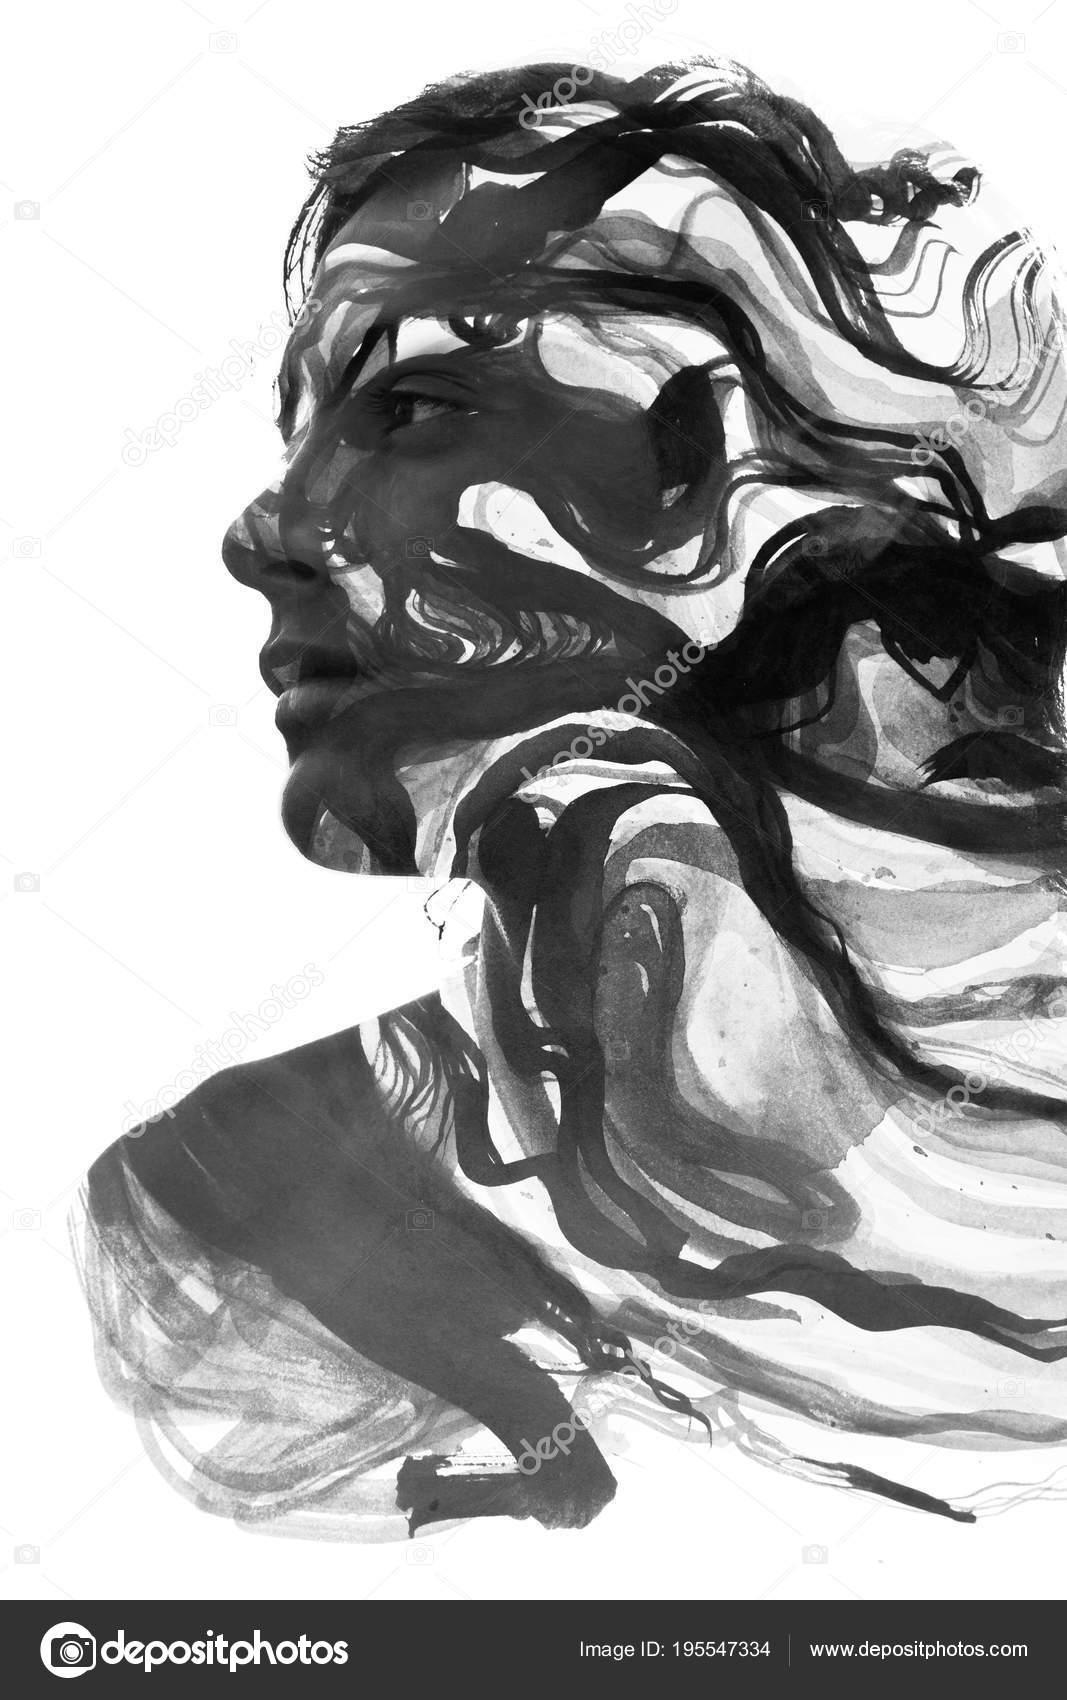 çoklu Pozlama Portre Erkek Yüz Boyama Teknikleri Elle çizilmiş